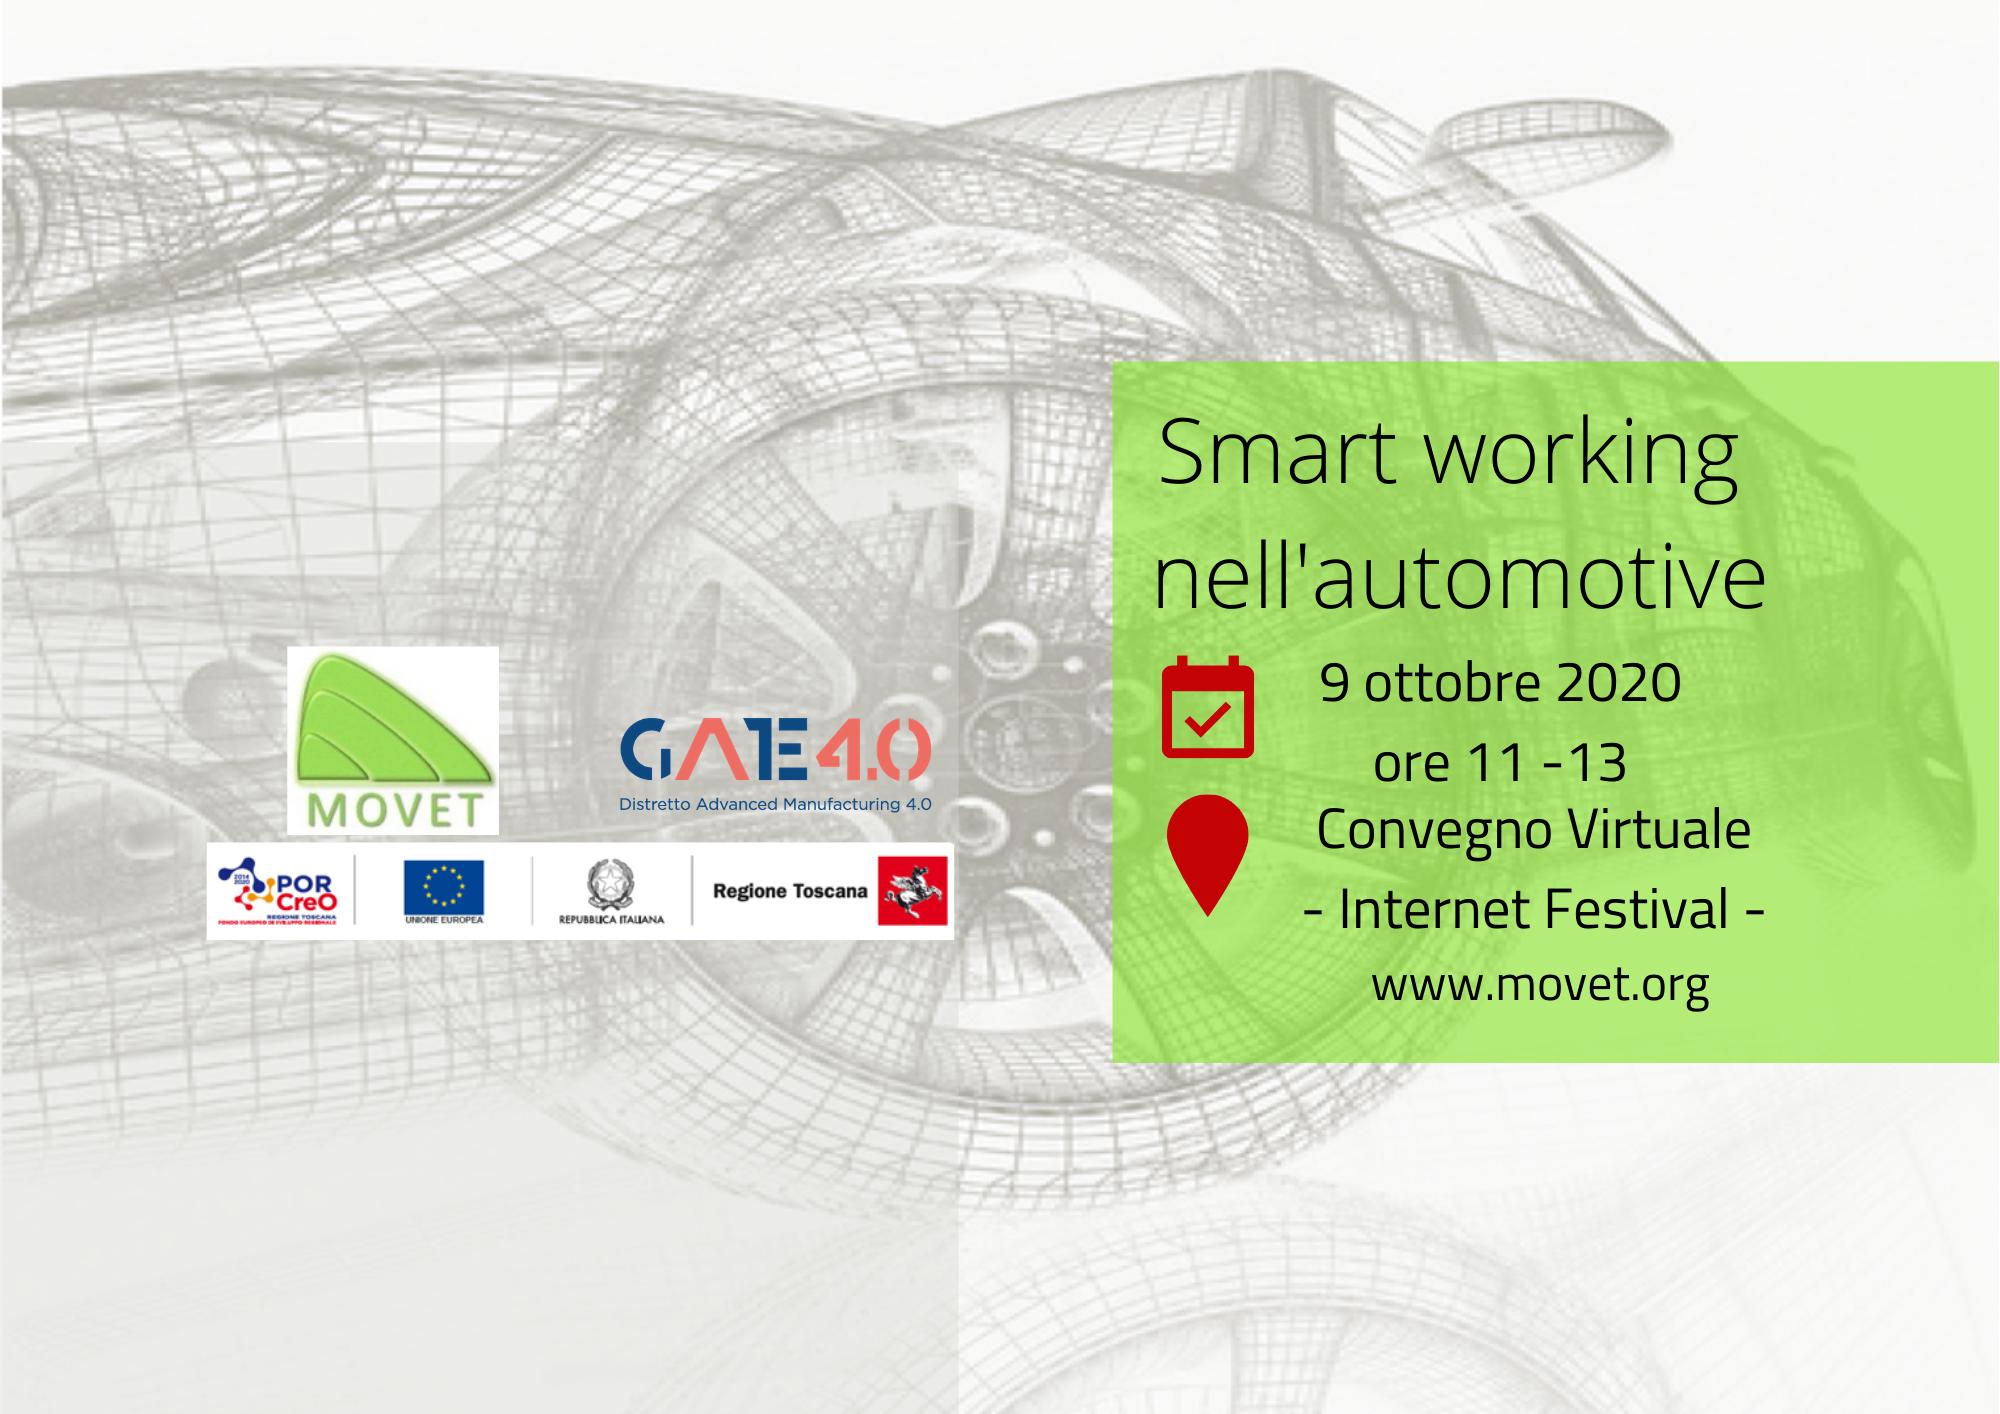 Smart working nel settore automotive. Il nuovo evento di Movet